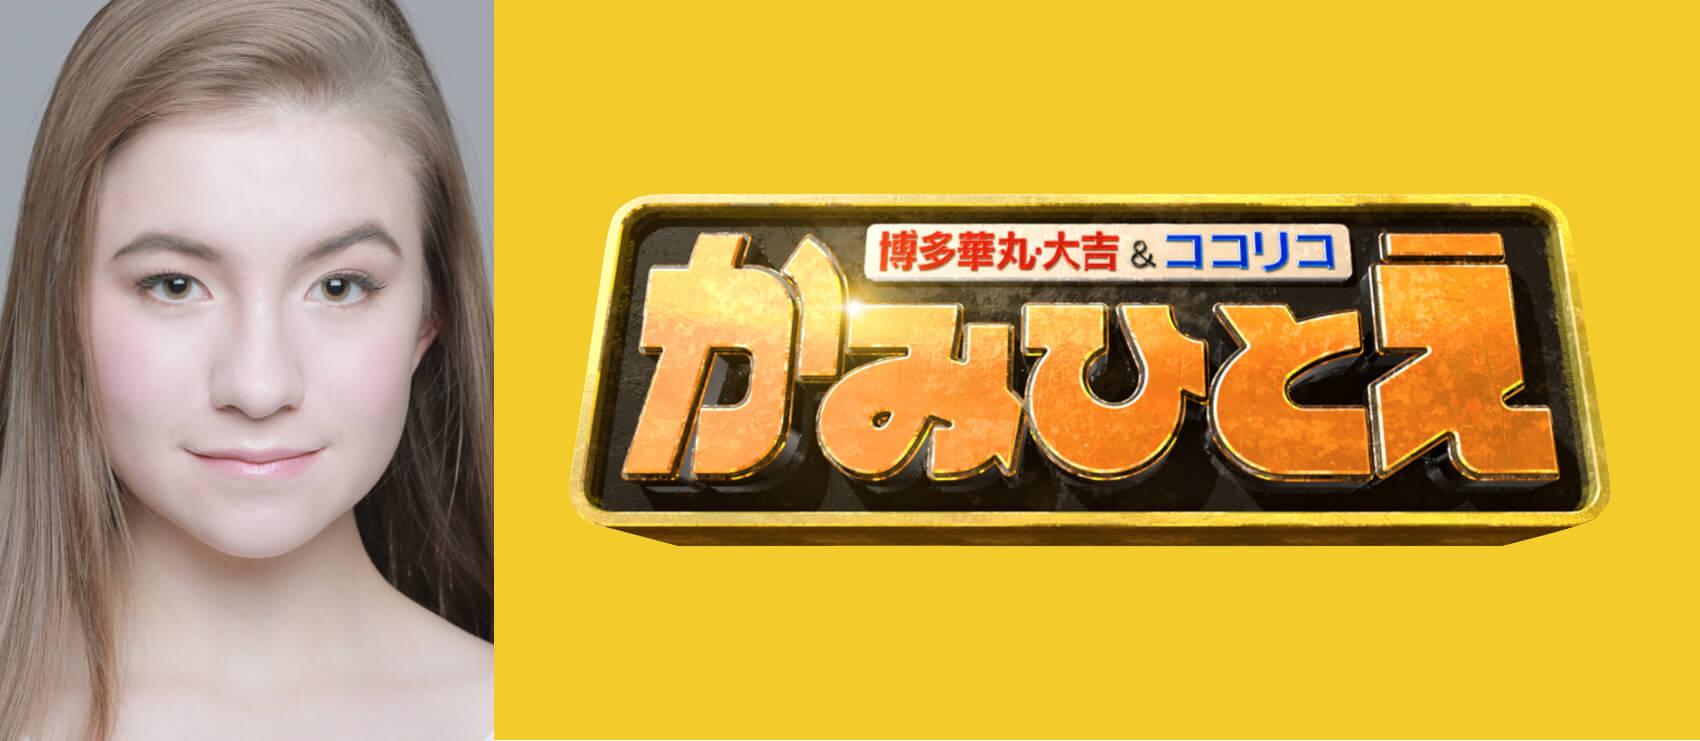 テレビ朝日「かみひとえ」のタイトルコールをマリナ・アイコルツが担当しています!